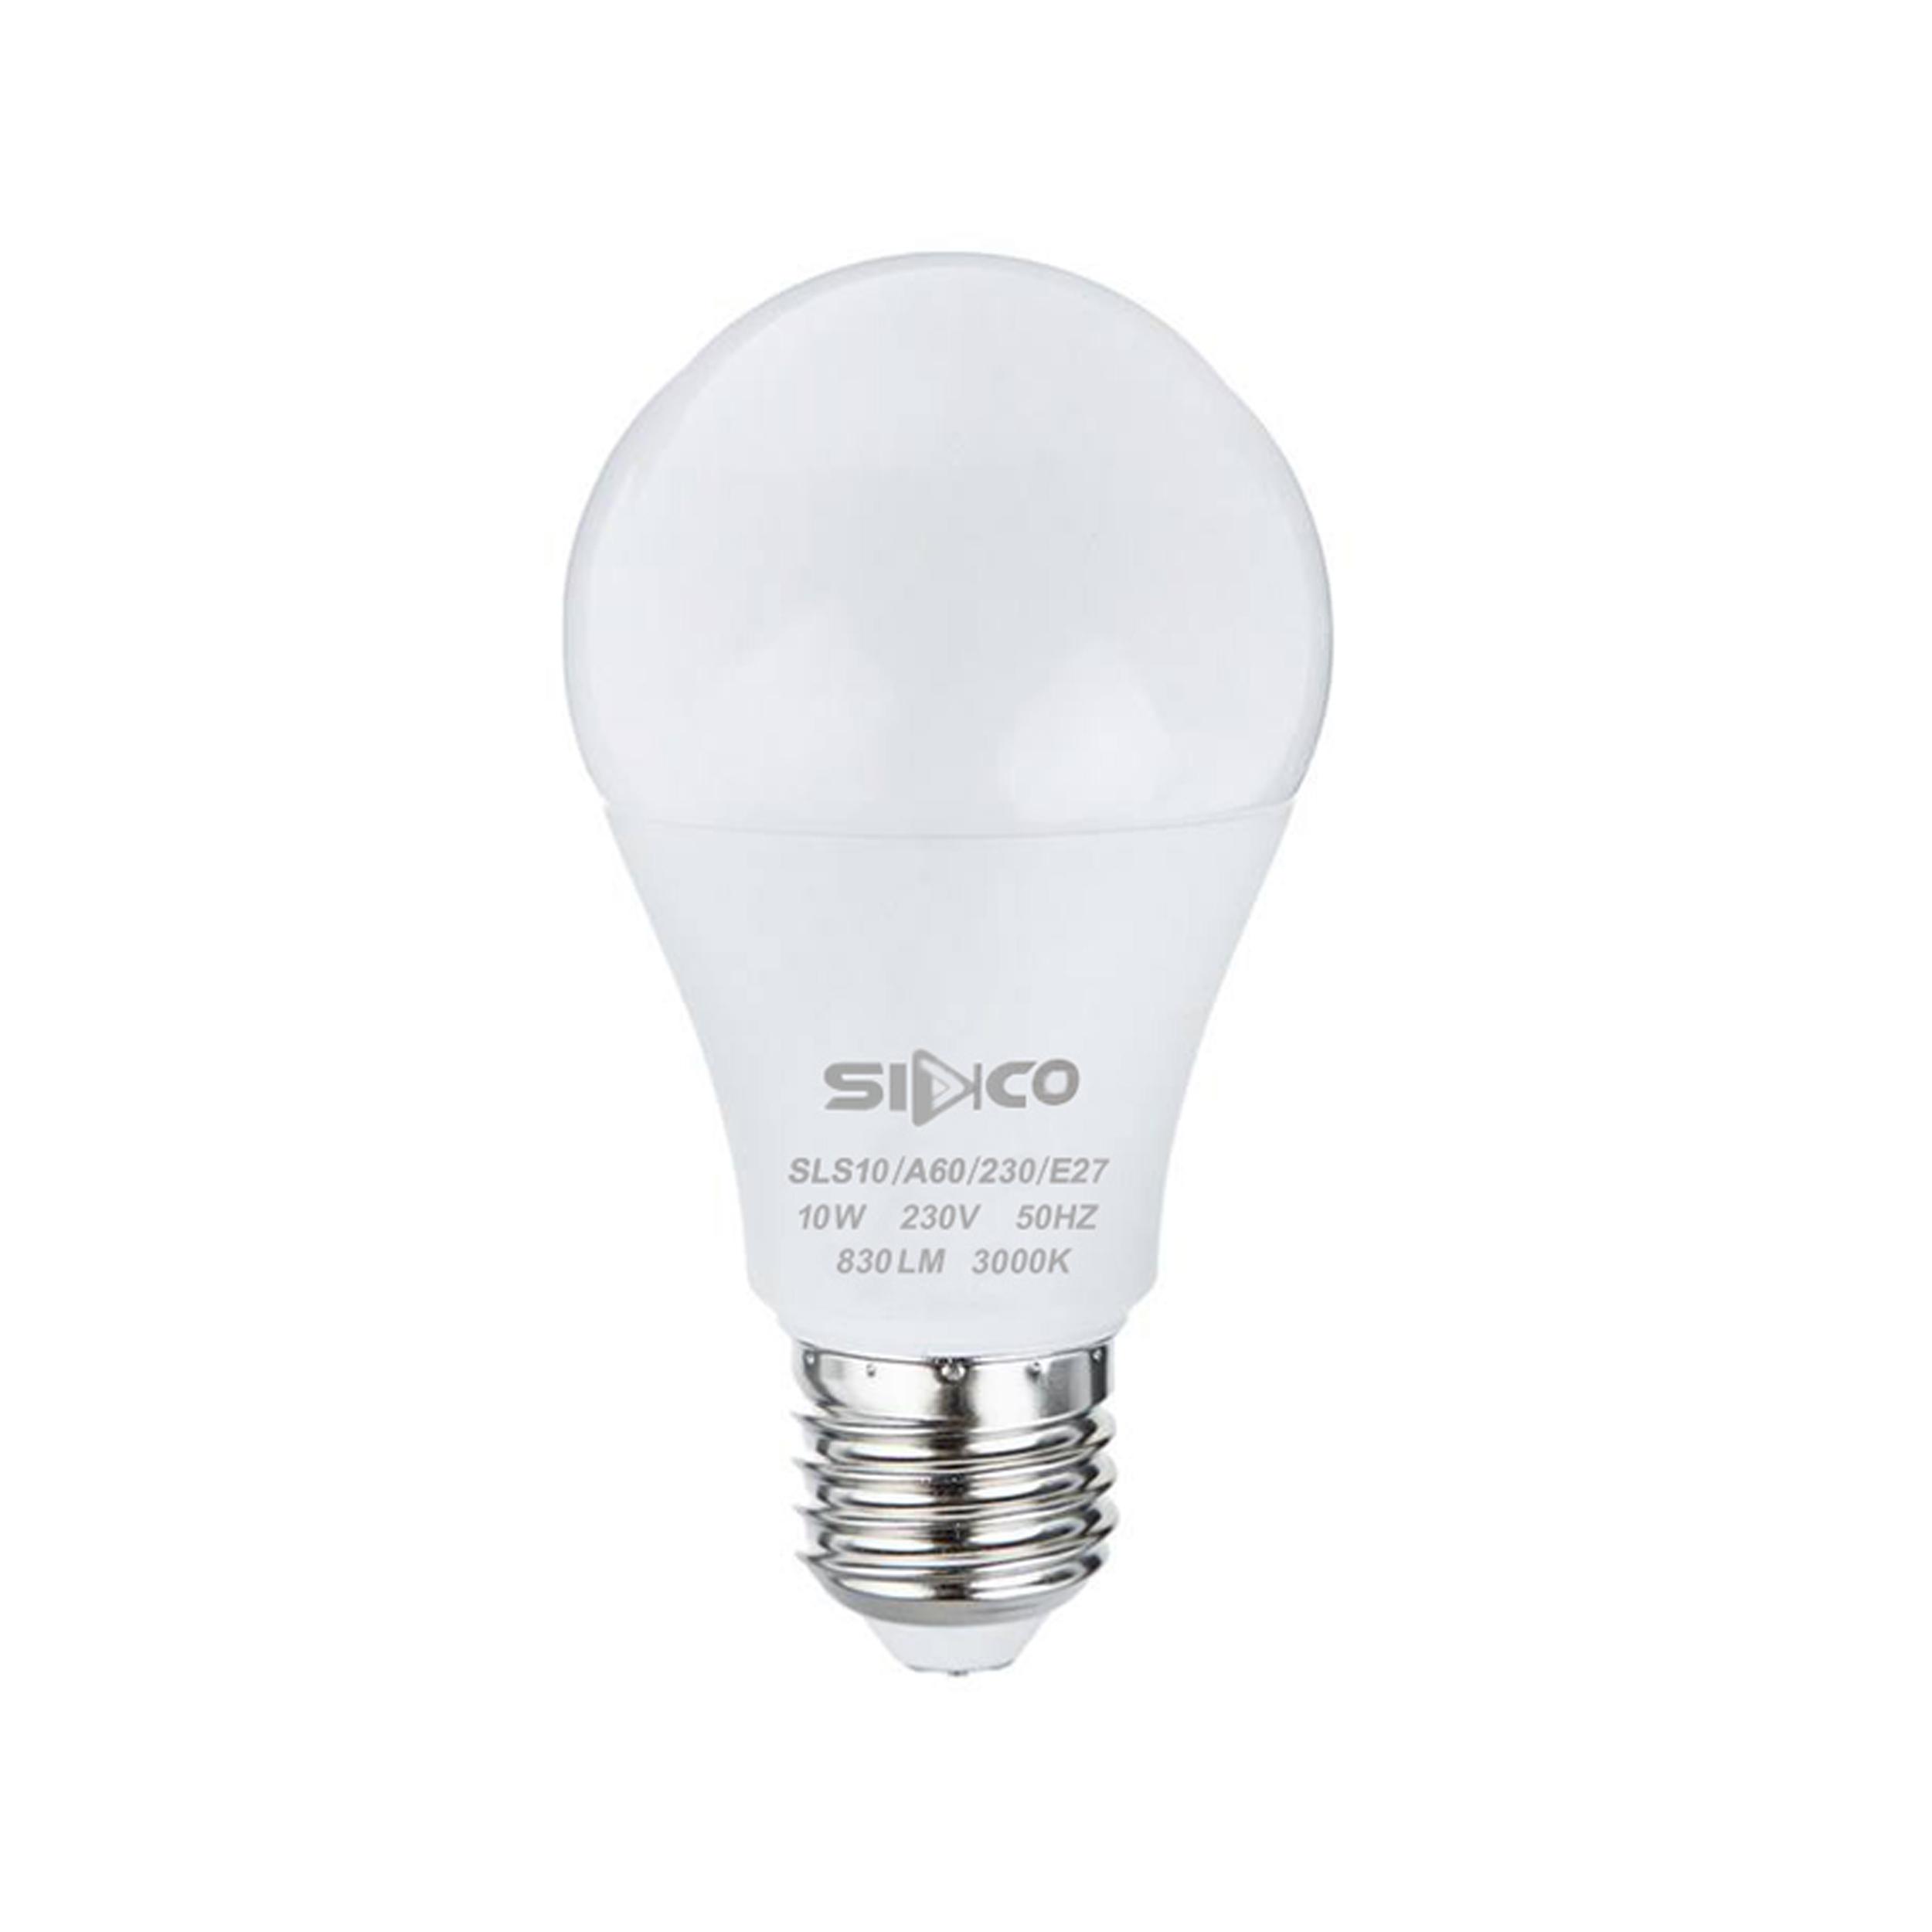 لامپ 10 وات سیدکو مدل SLS10 پایه E27